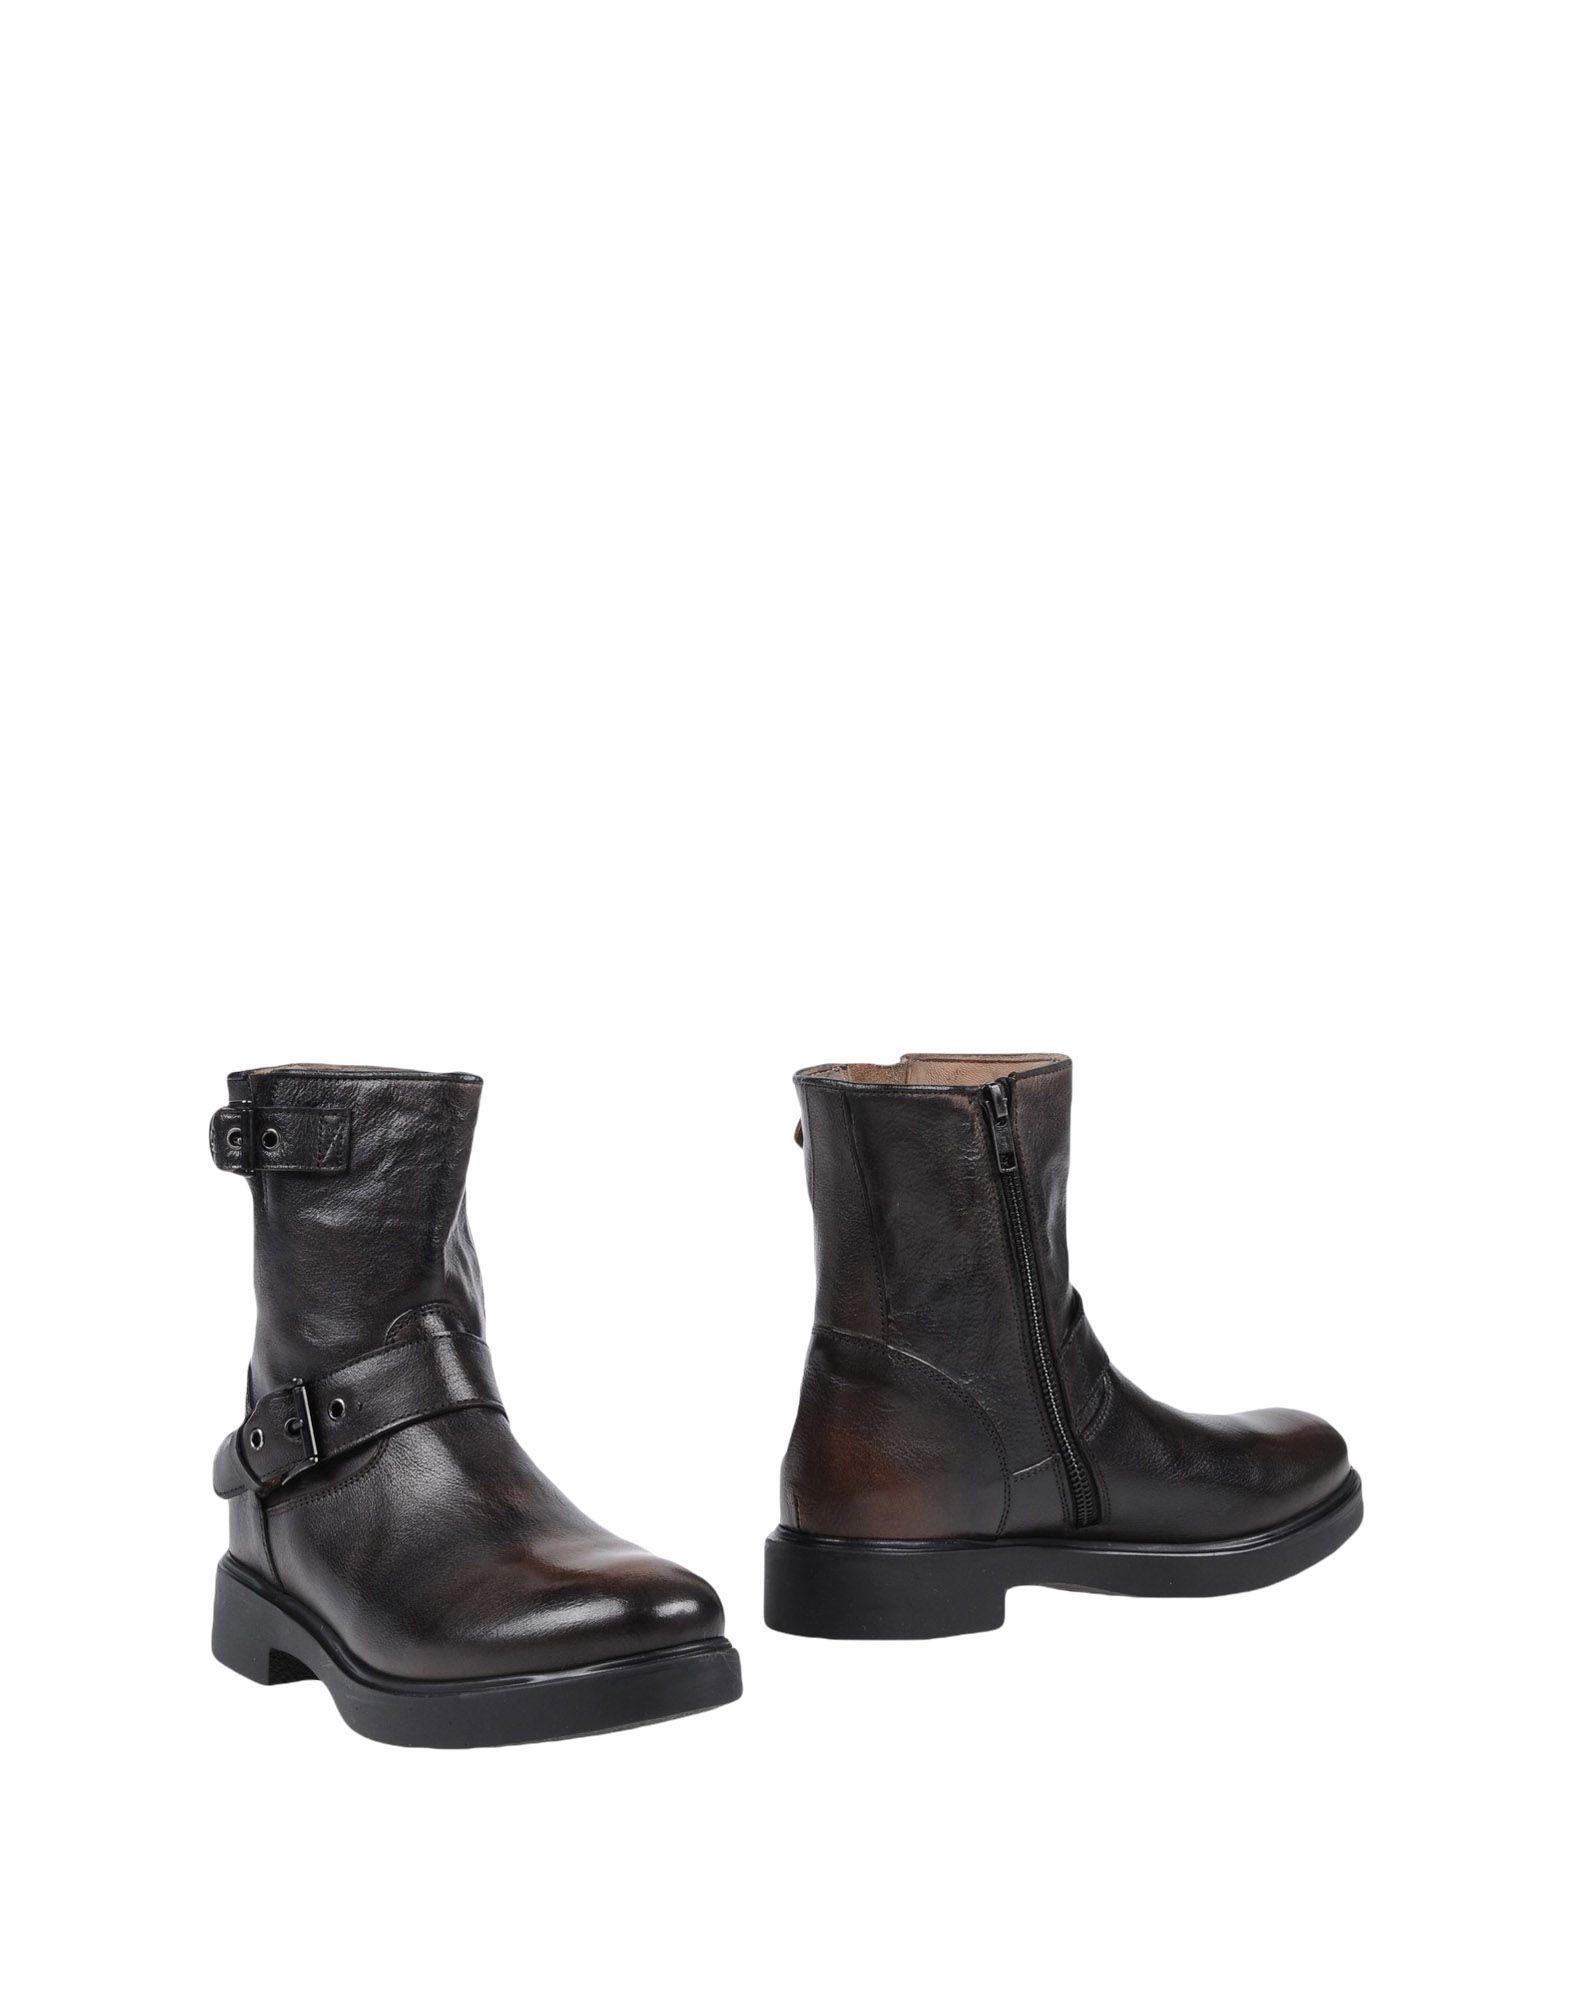 Stilvolle Stiefelette billige Schuhe Alexander Hotto Stiefelette Stilvolle Damen  11451729HT 34724d